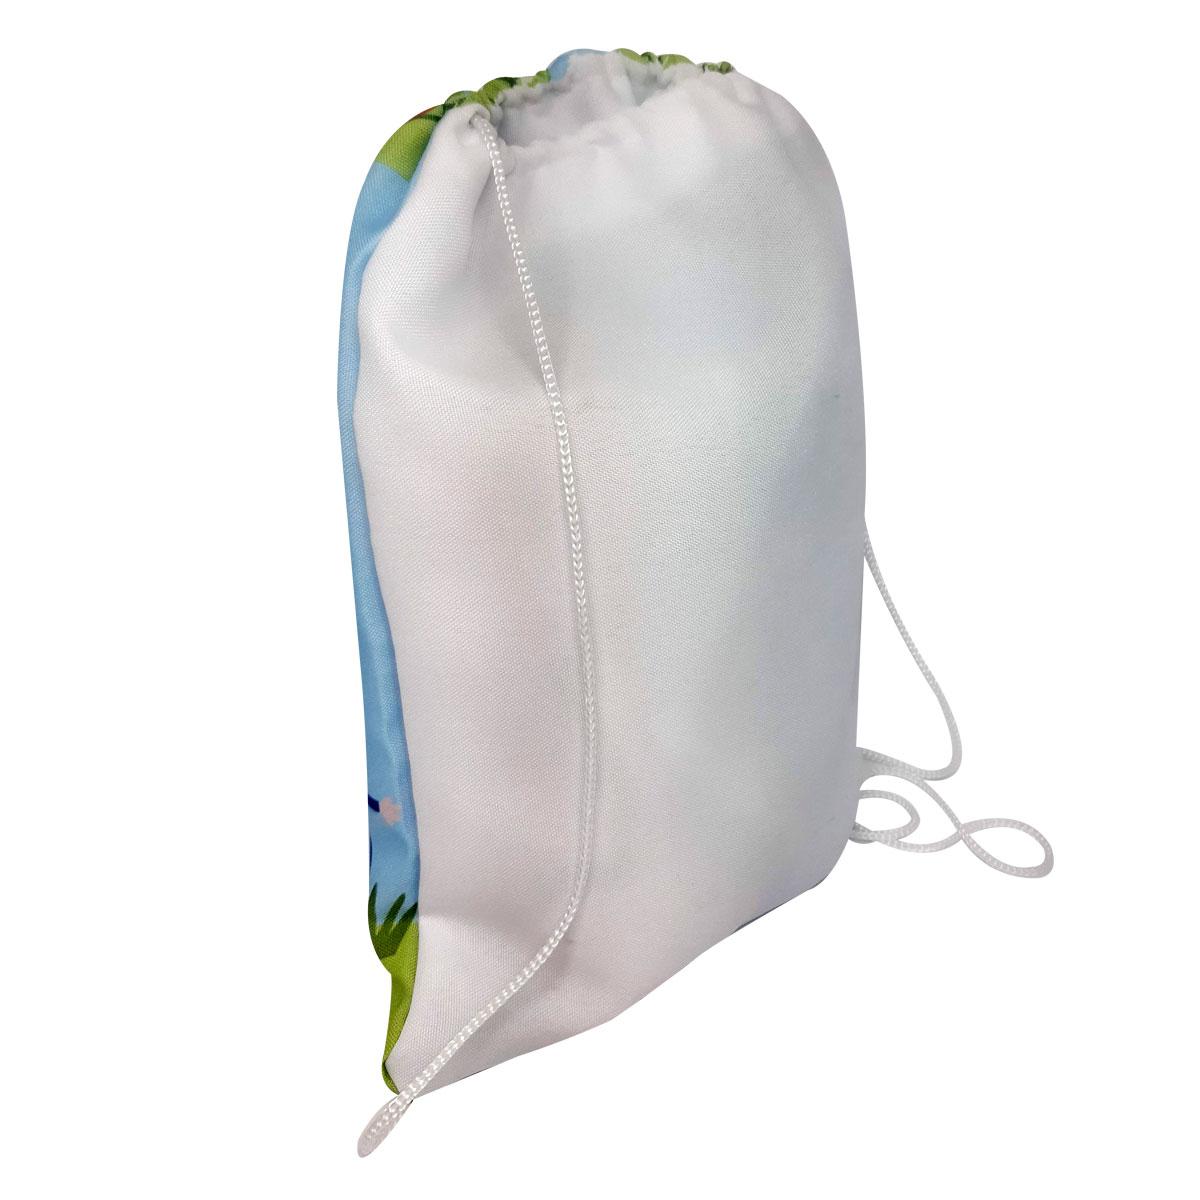 5x Mochila Personalizada - Pacote com 5 unidades